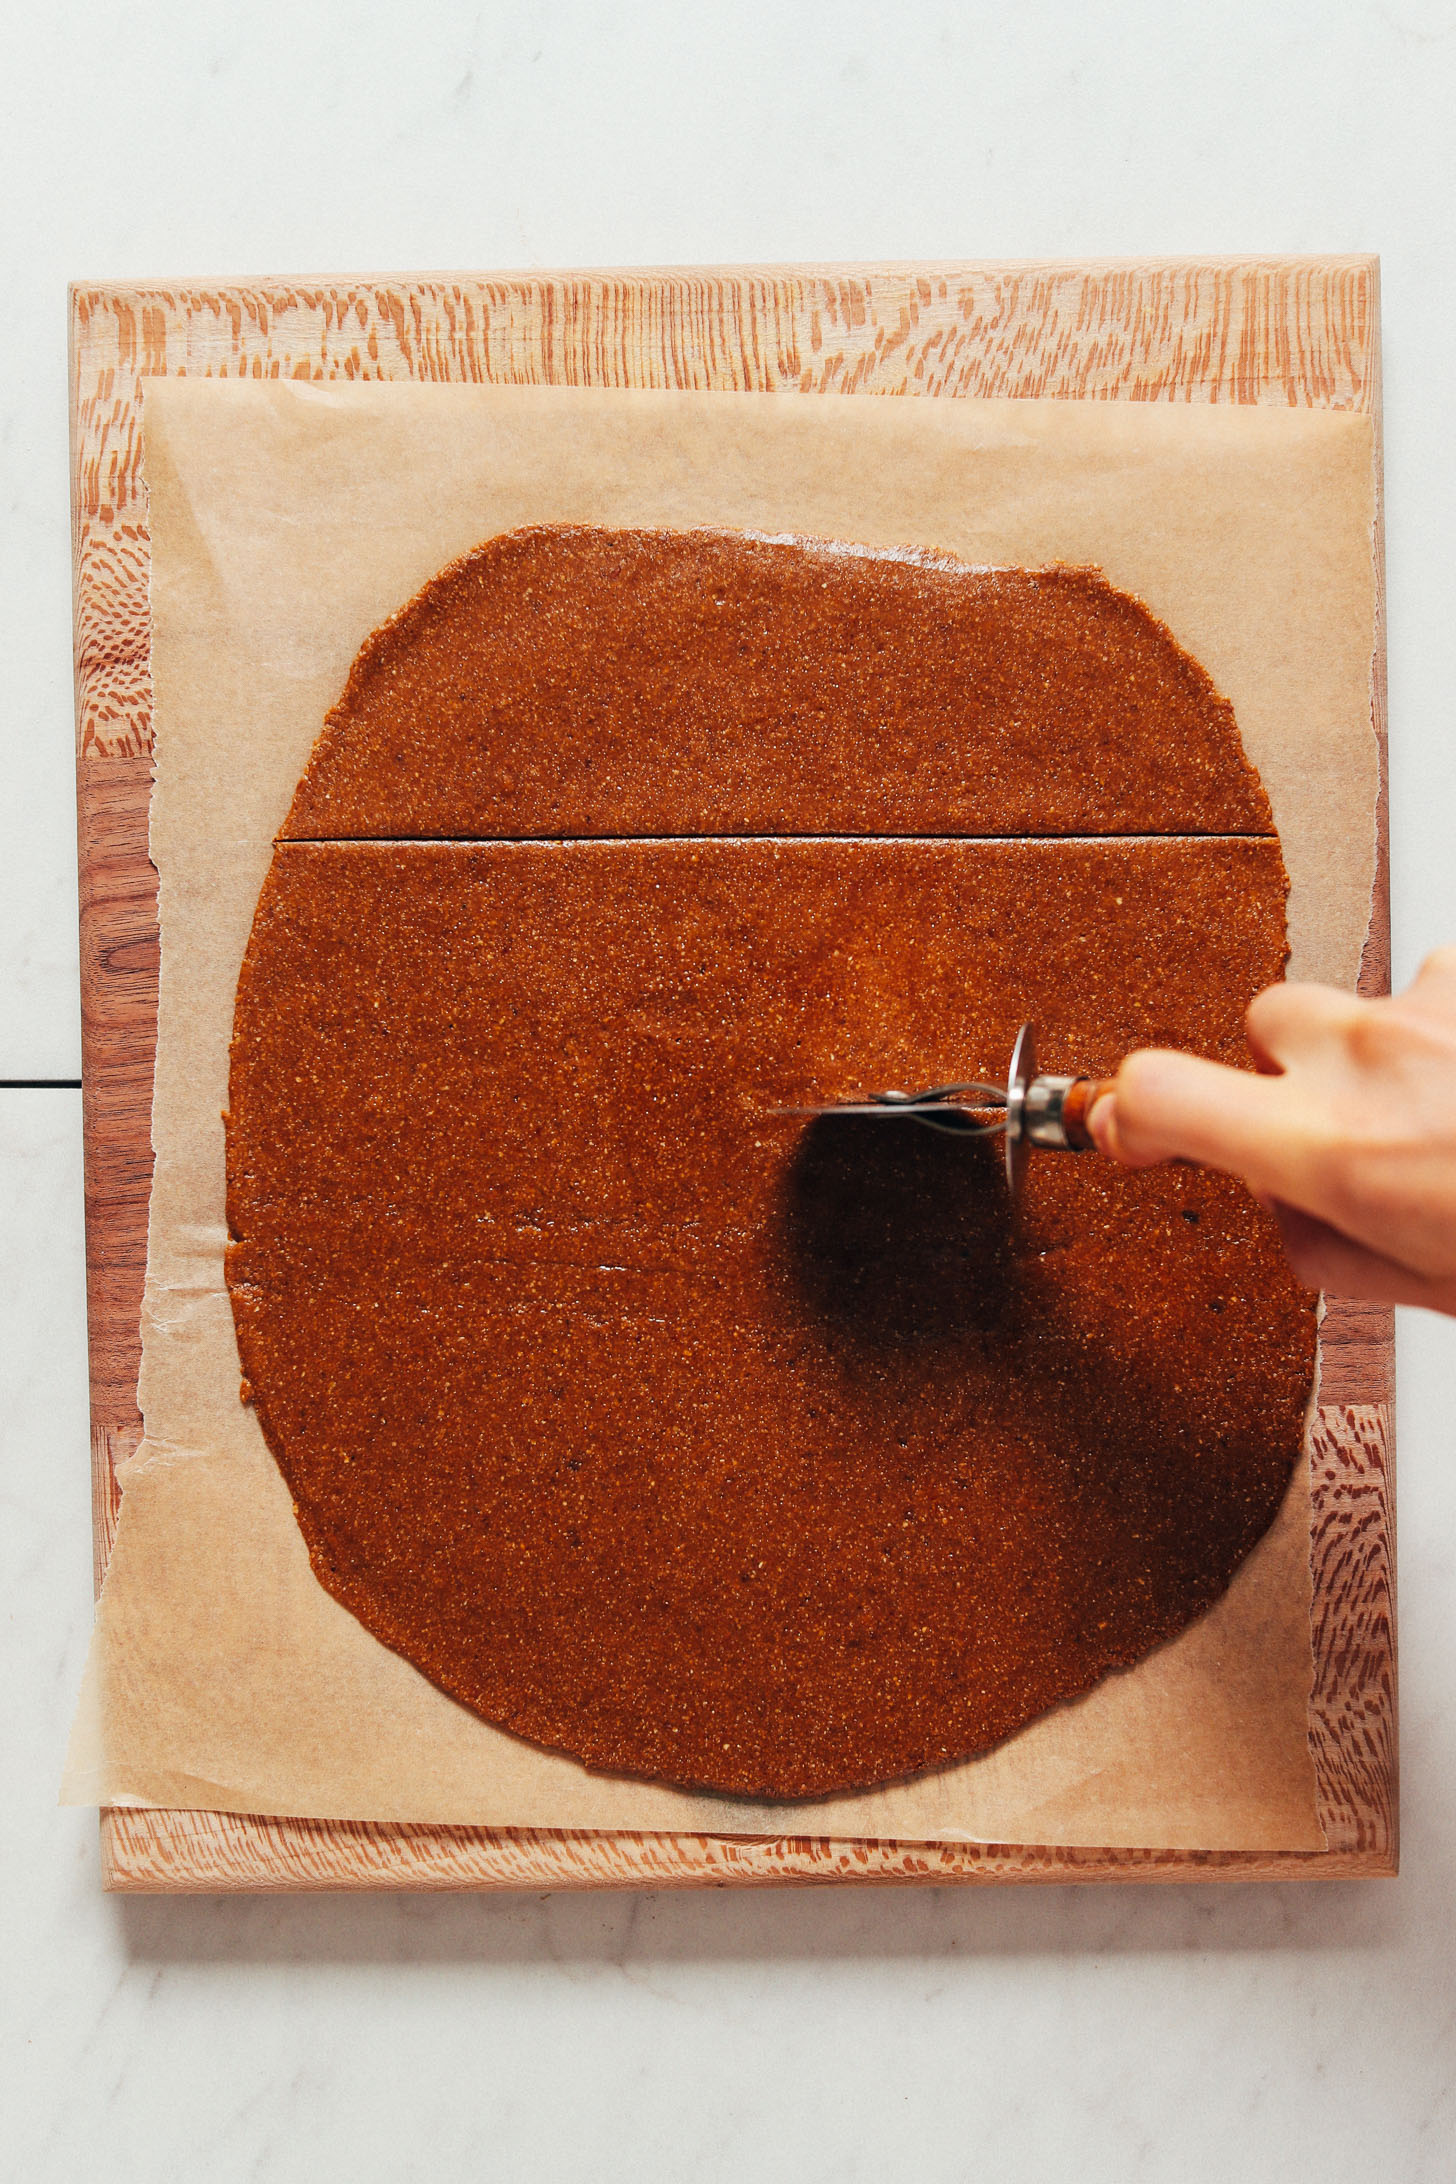 Pizzavágóval tésztát graham krakkoló formákra vághatunk